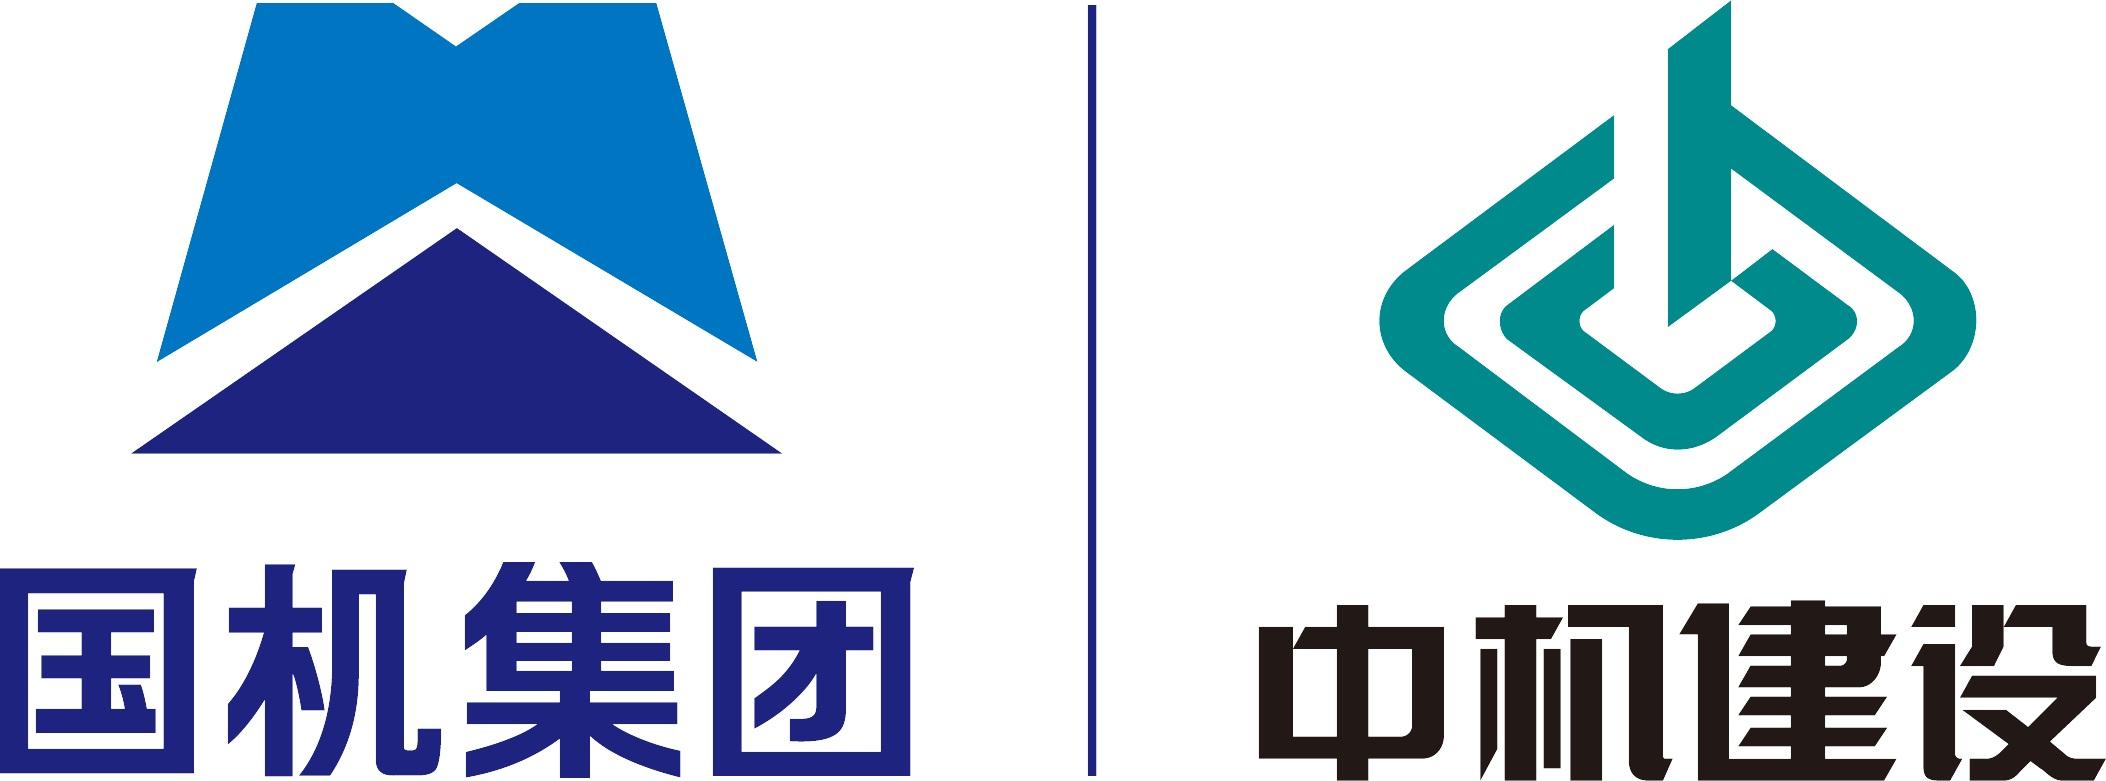 logo 标识 标志 设计 矢量 矢量图 素材 图标 2106_781